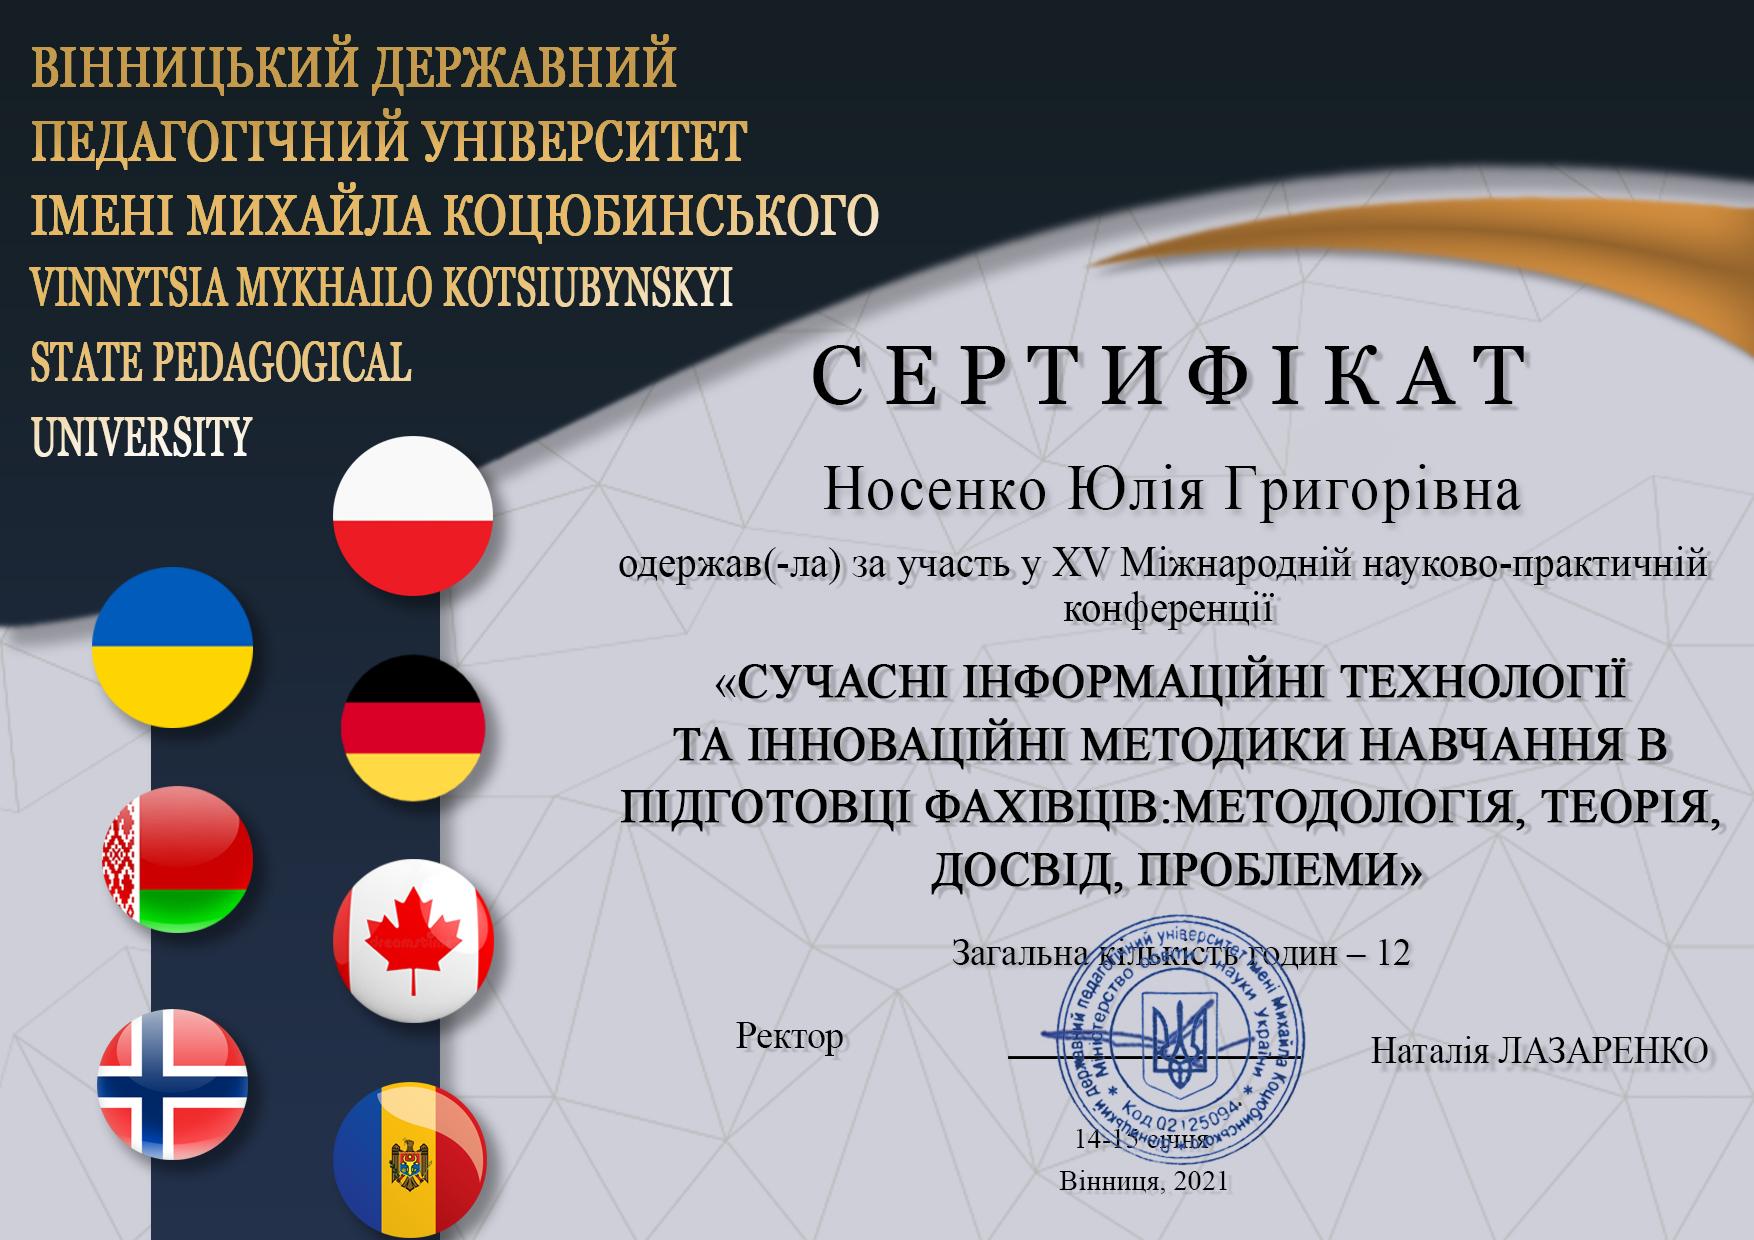 Носенко Юлія Григорівна